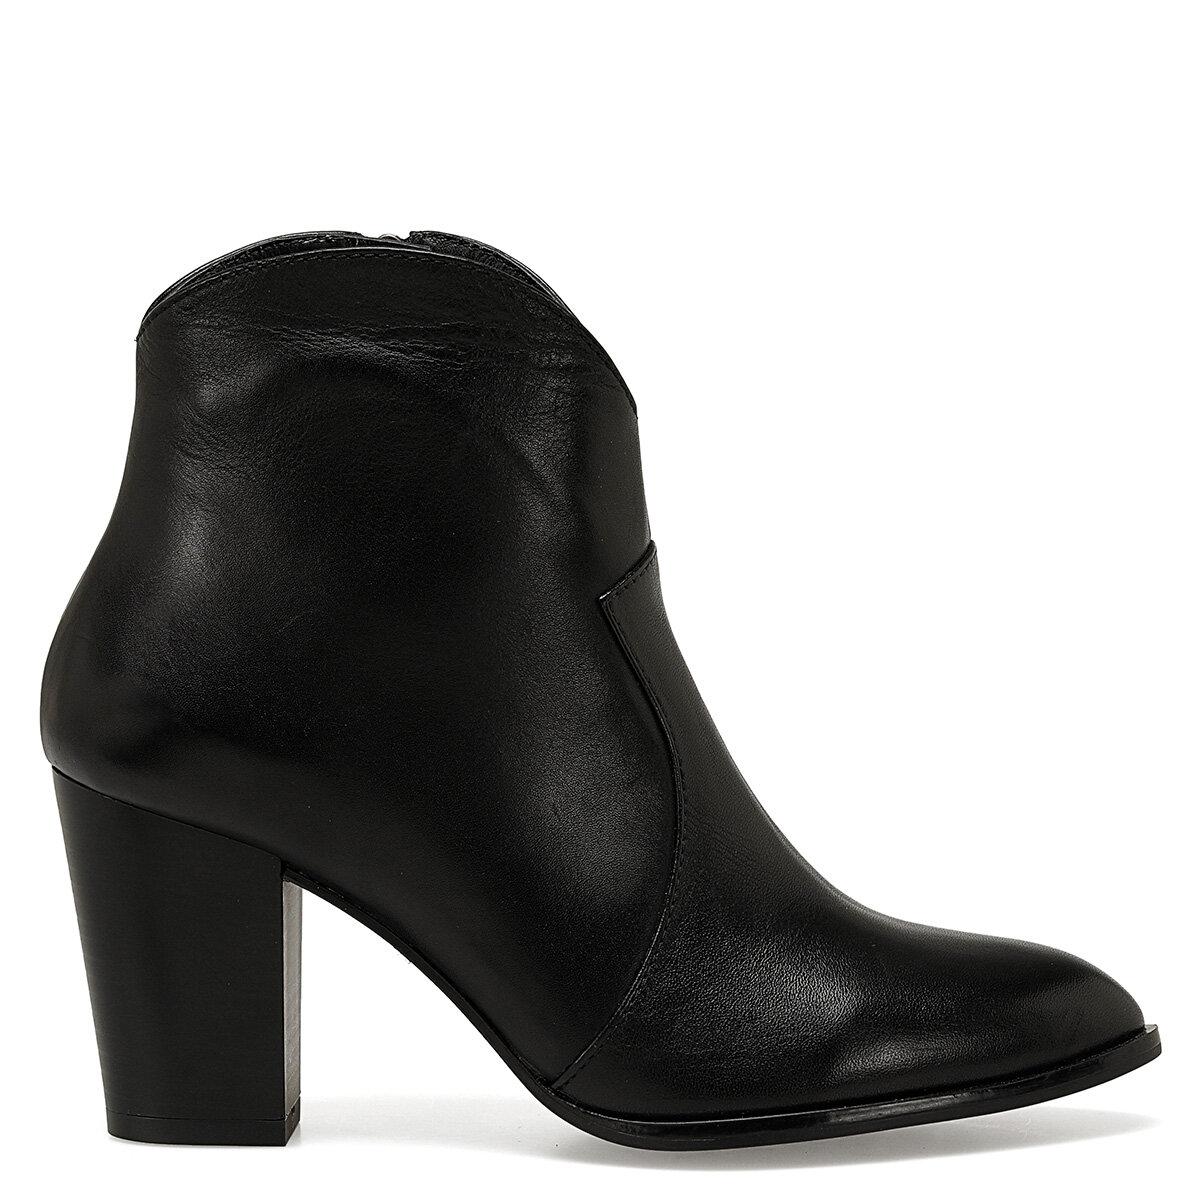 KONA Siyah Kadın Topuklu Bot